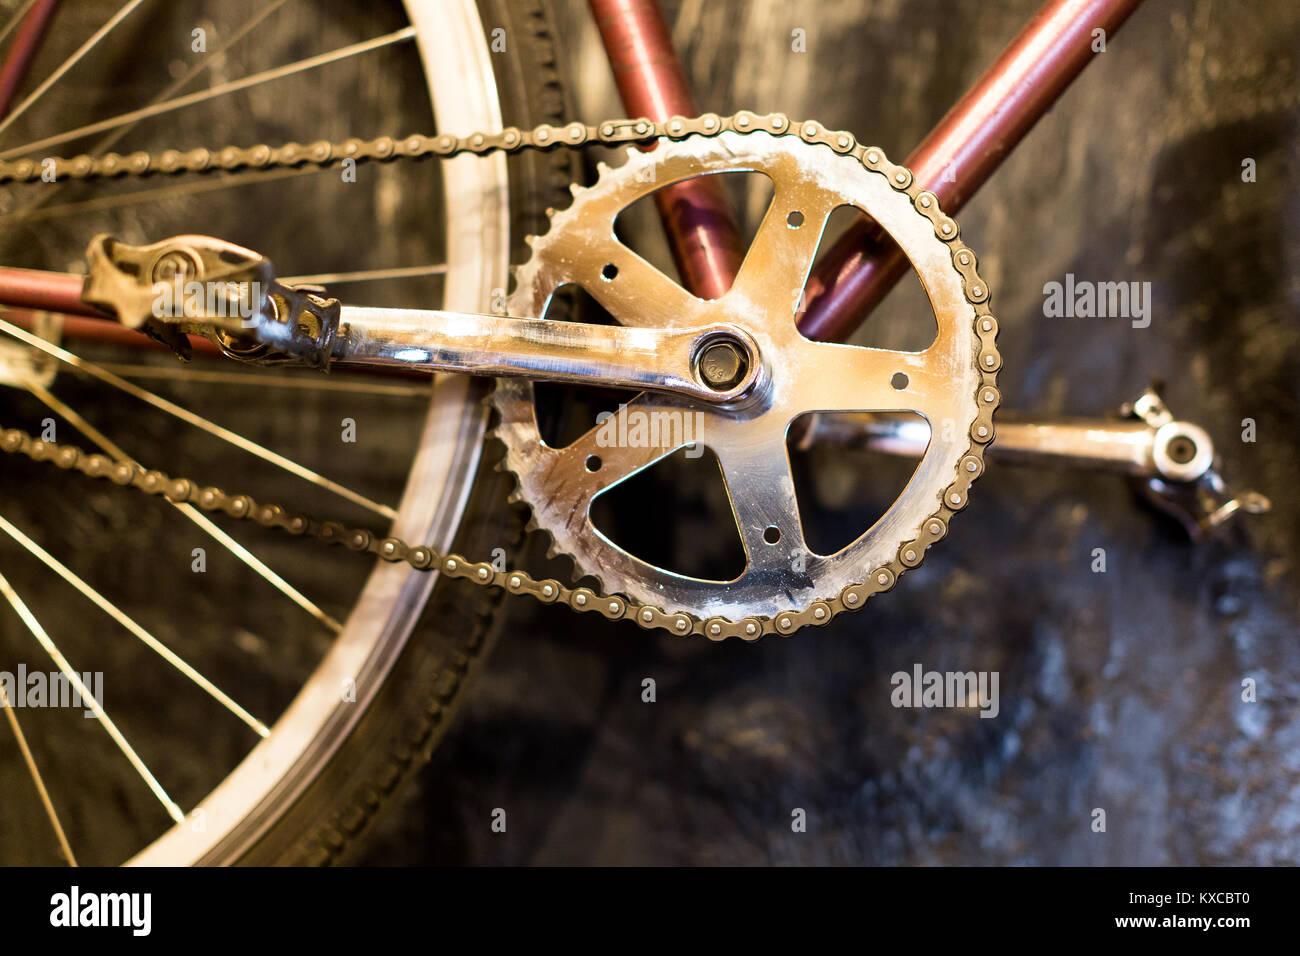 Tempo libero, hobby, sport concept. close up di pulire i pedali della bicicletta realizzata nella vecchia moda vintage Immagini Stock